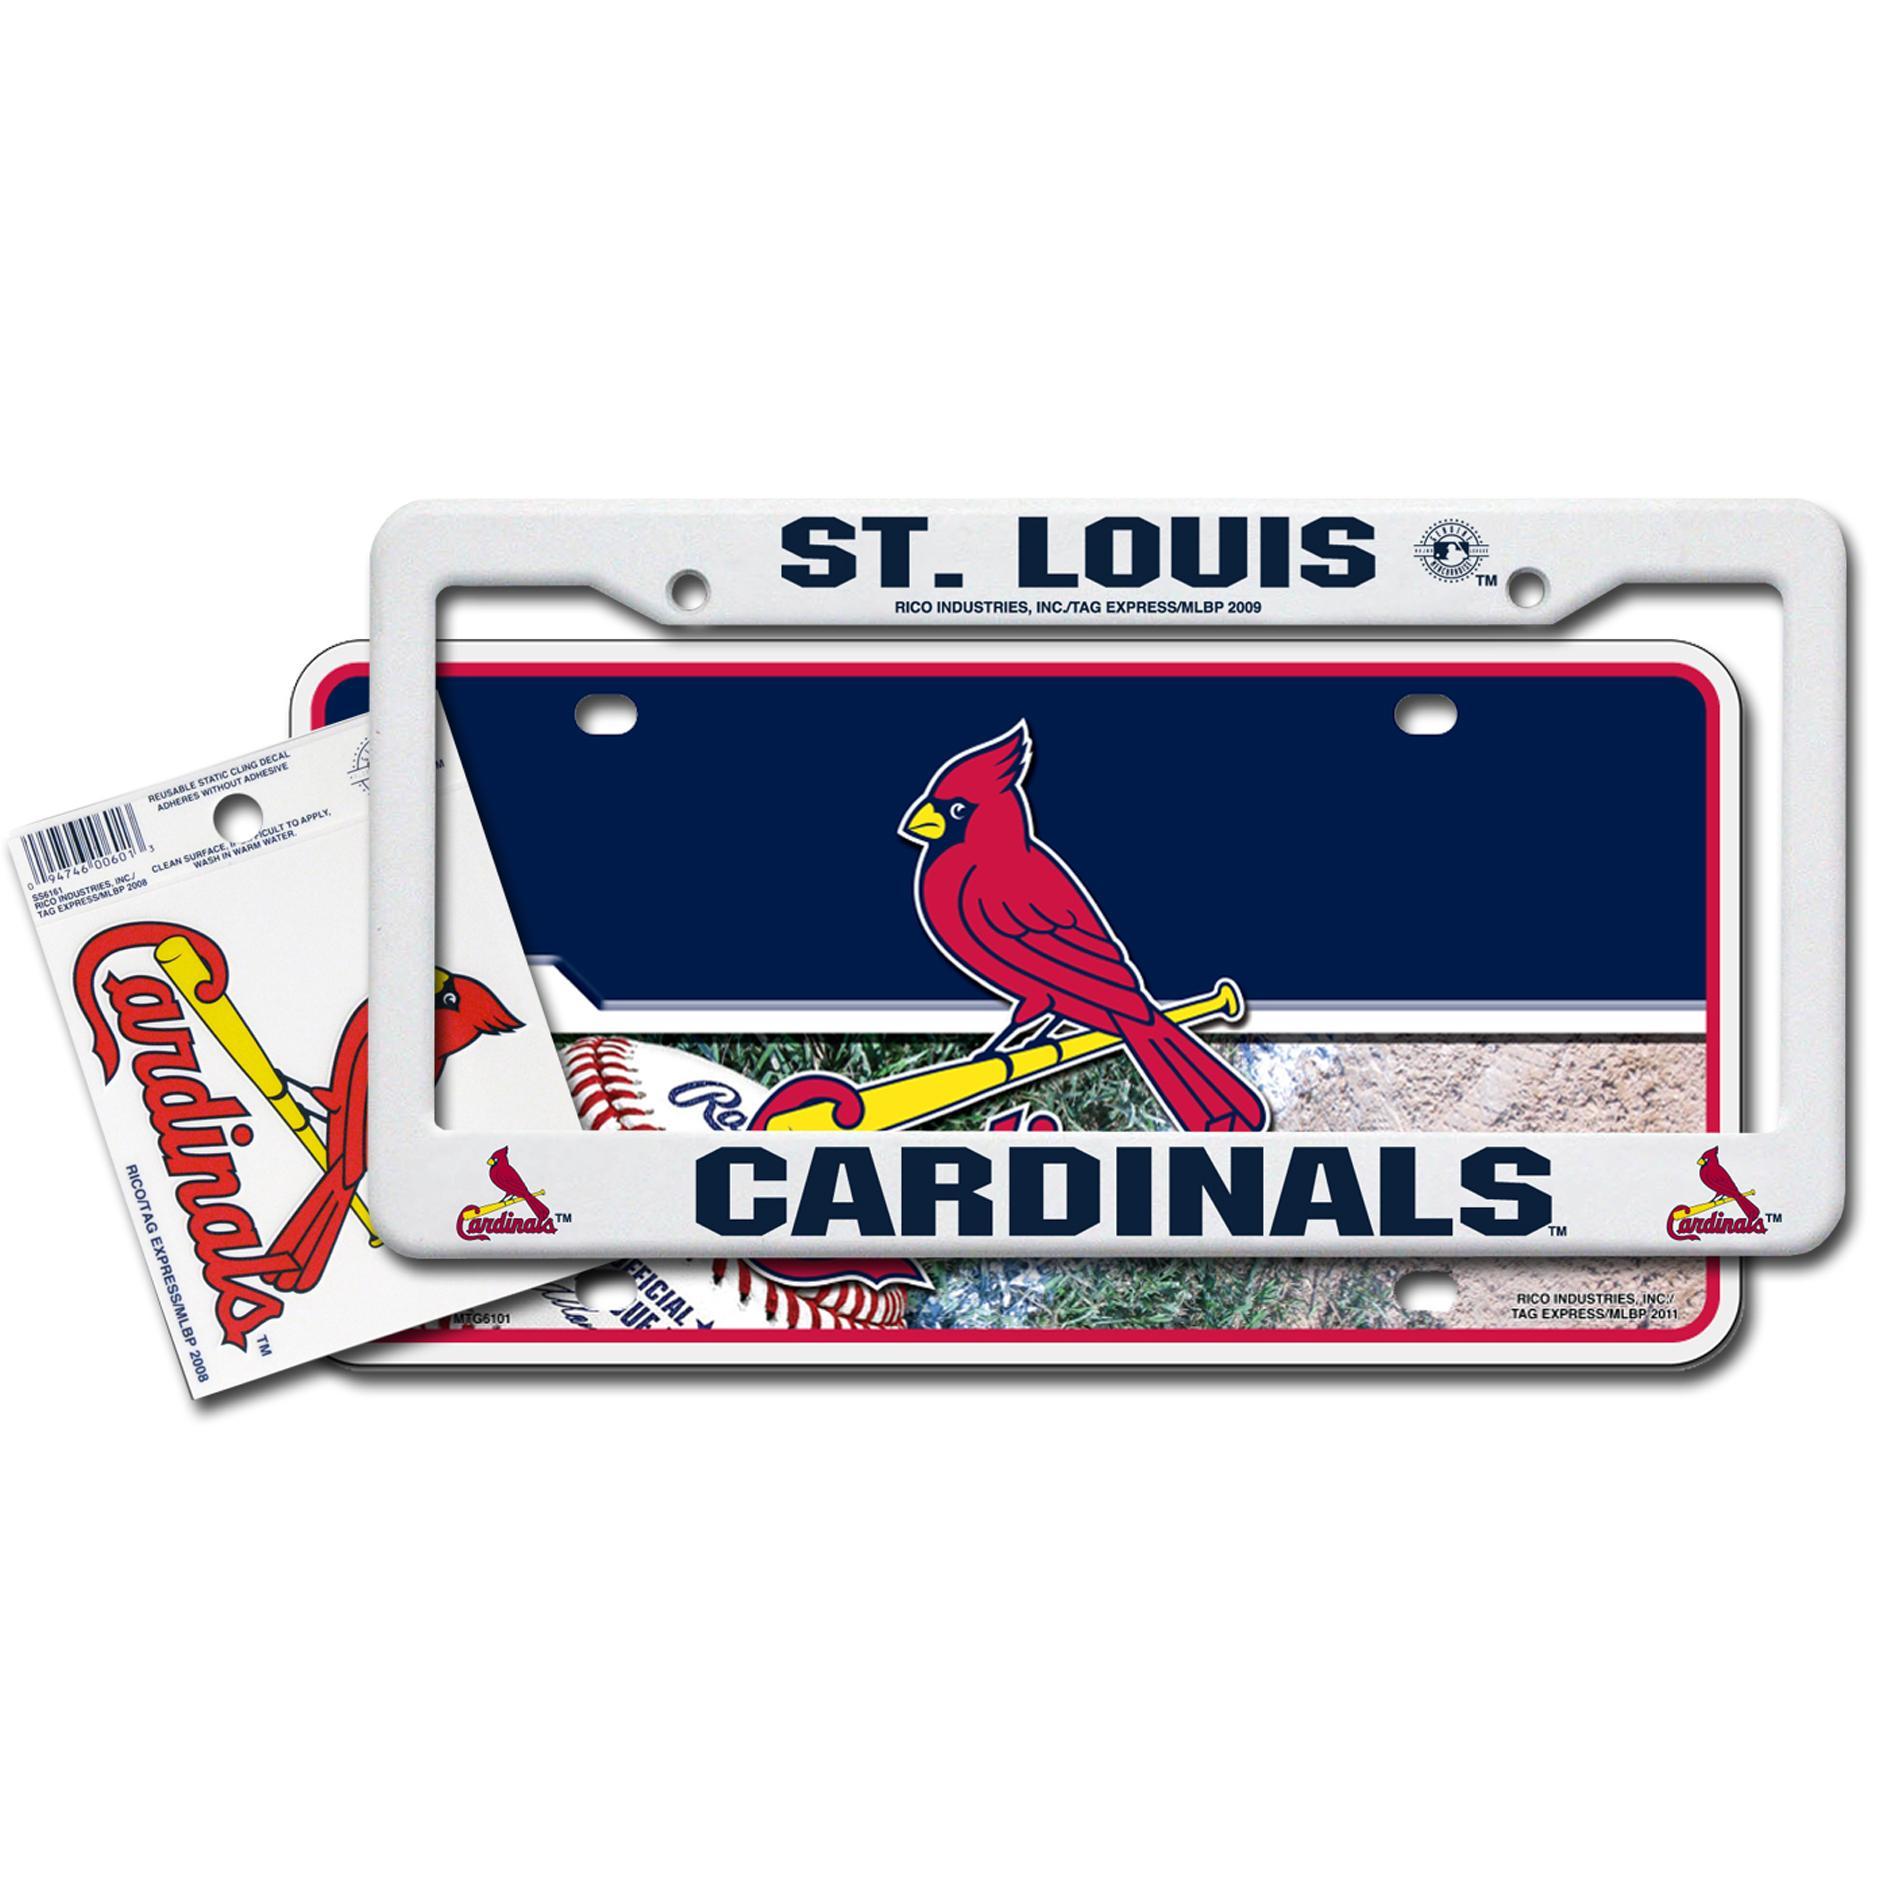 St. Louis Cardinals Automotive Value Pack